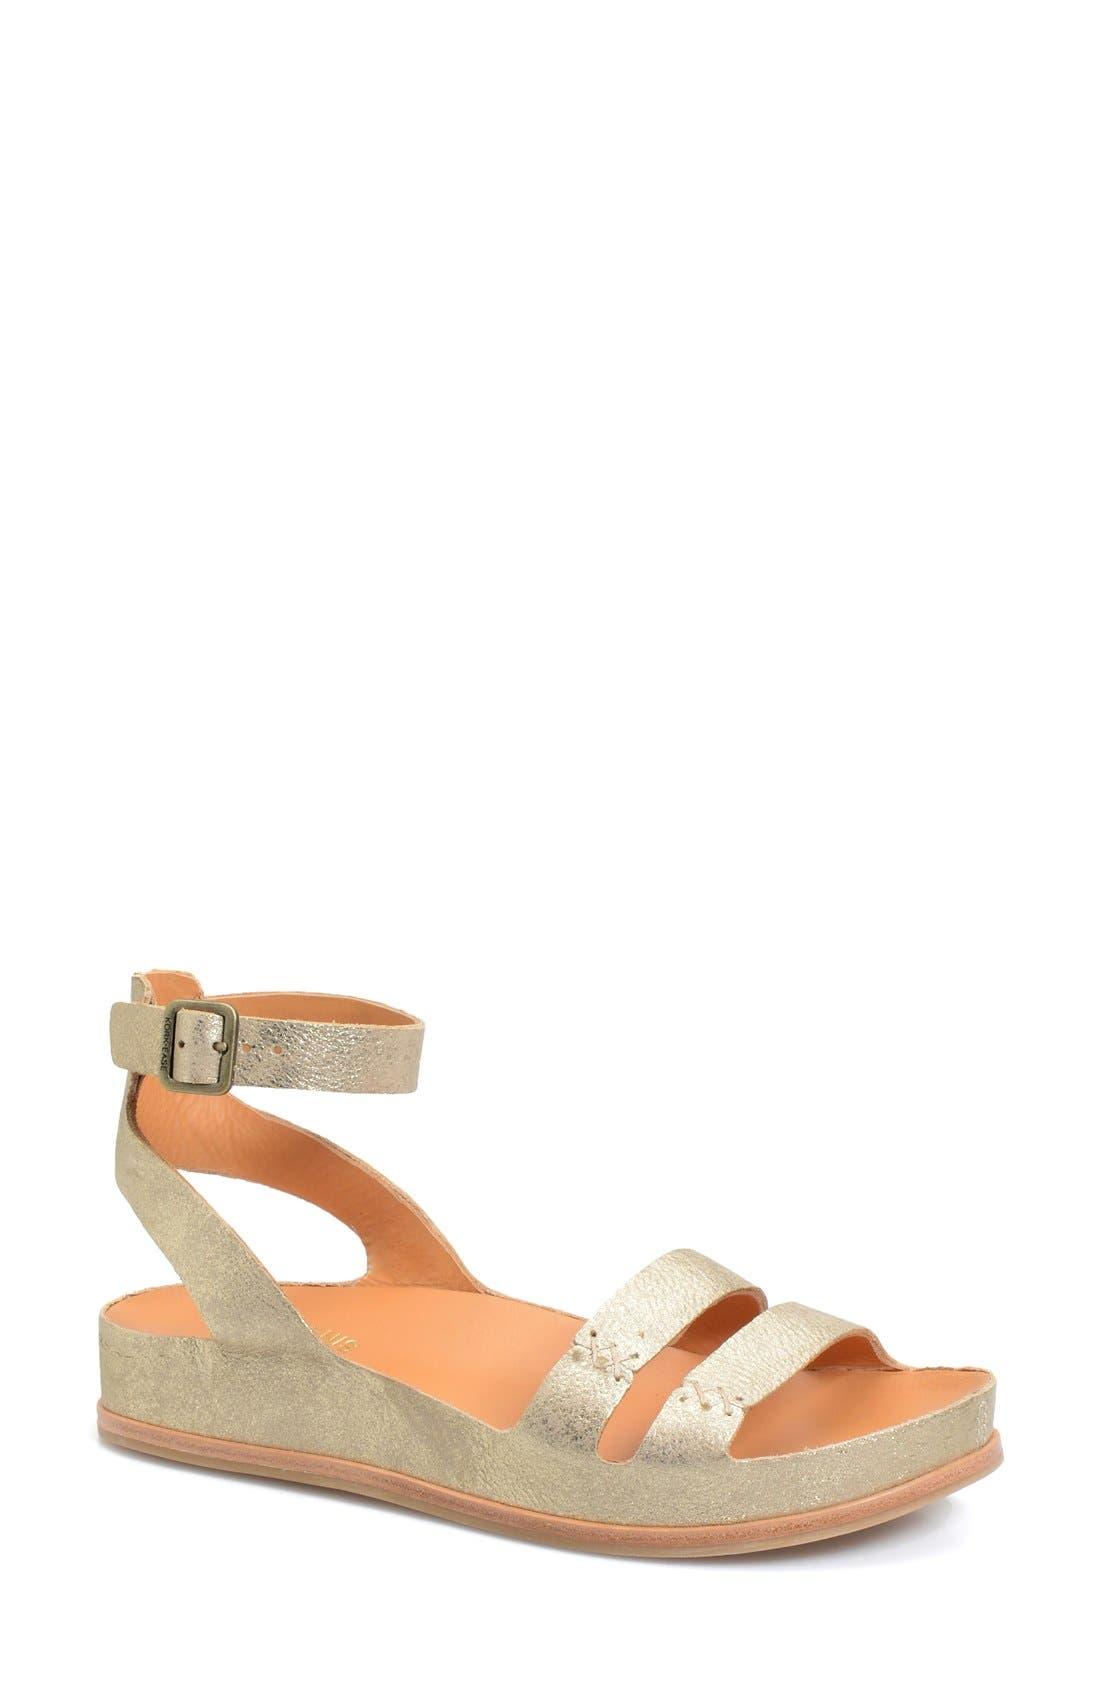 KORK-EASE® 'Audrina' Ankle Strap Sandal